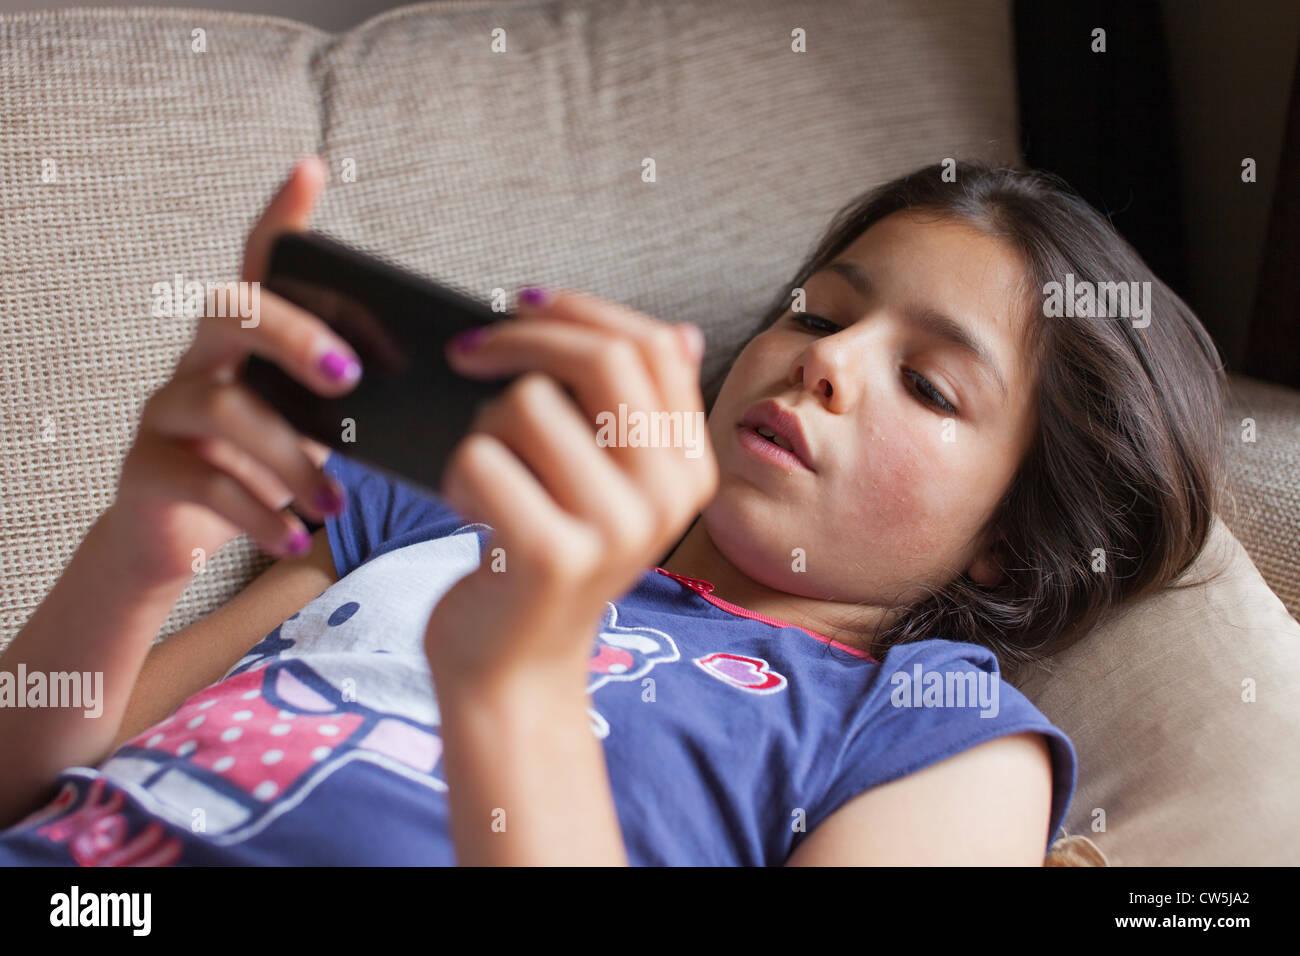 Giovane ragazza riproduce su telefono cellulare a casa Immagini Stock